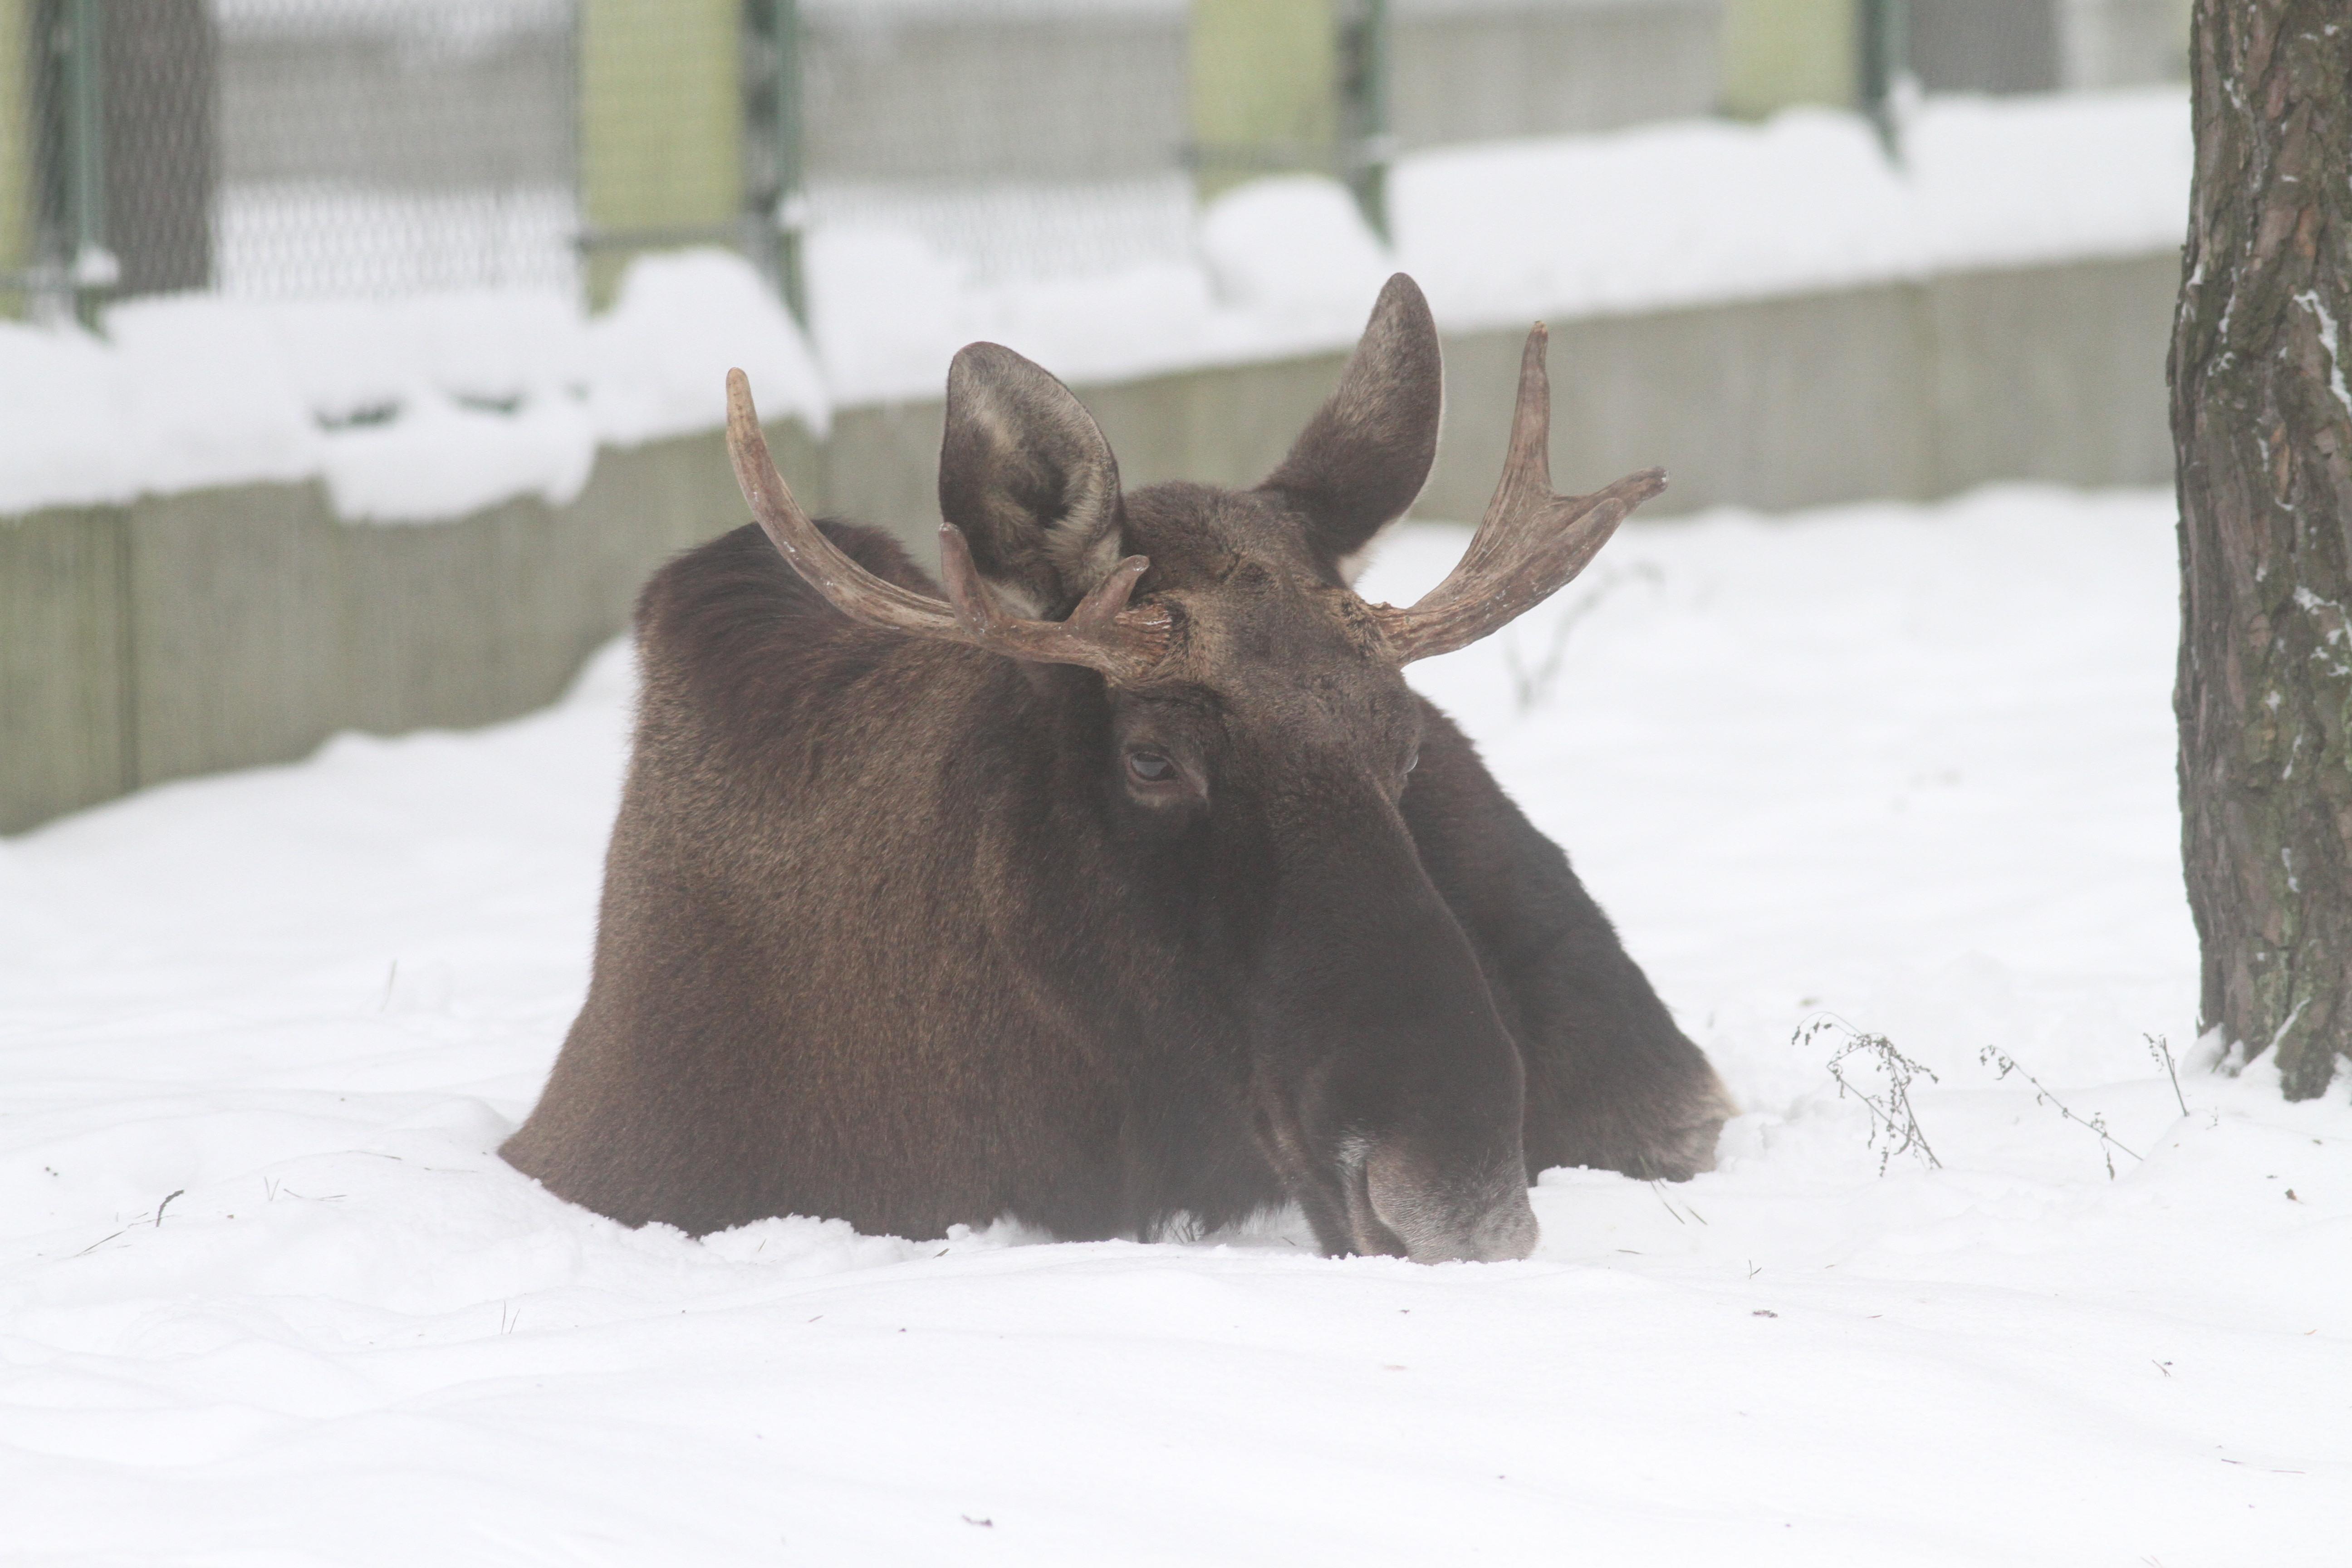 ВВолгоградской области браконьеры заубийство лося приговорены кгоду социальных работ